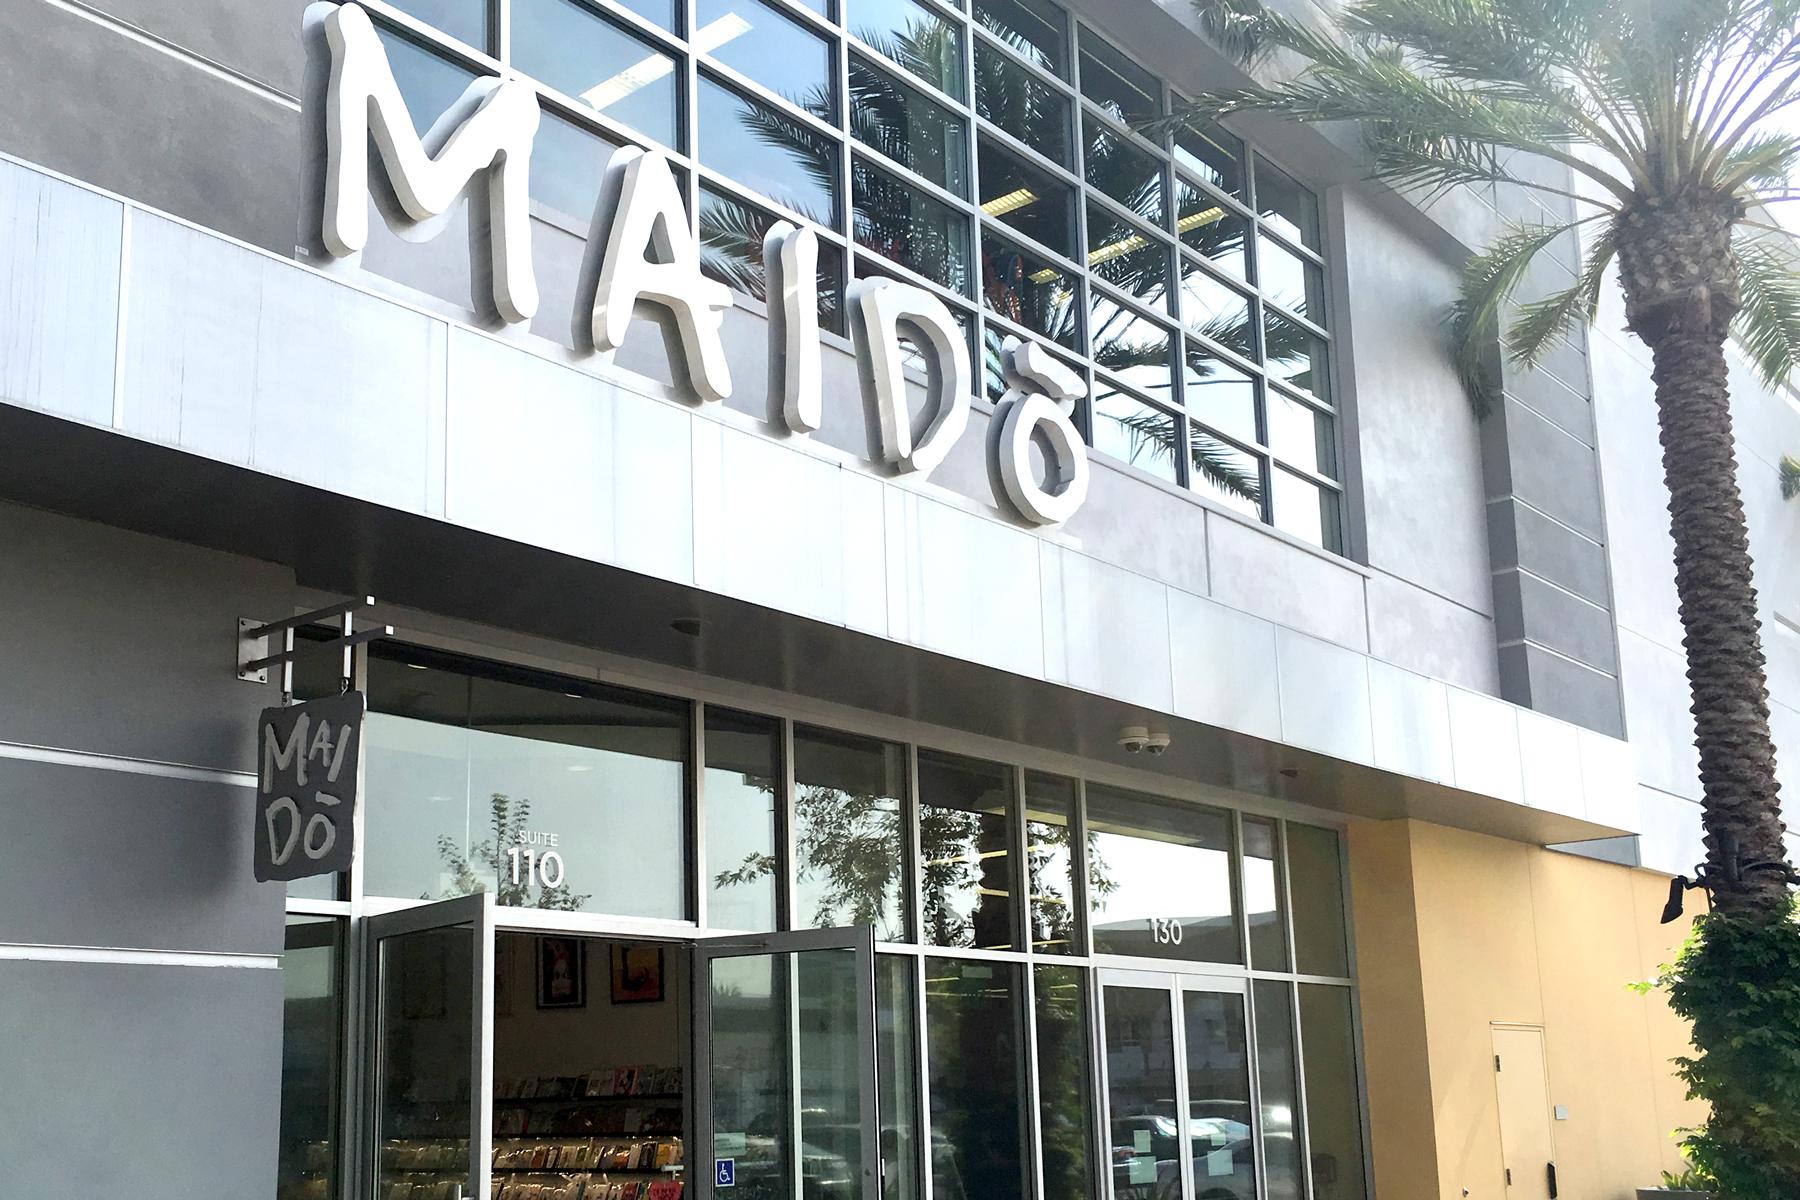 Maido_IMG_1928.jpg